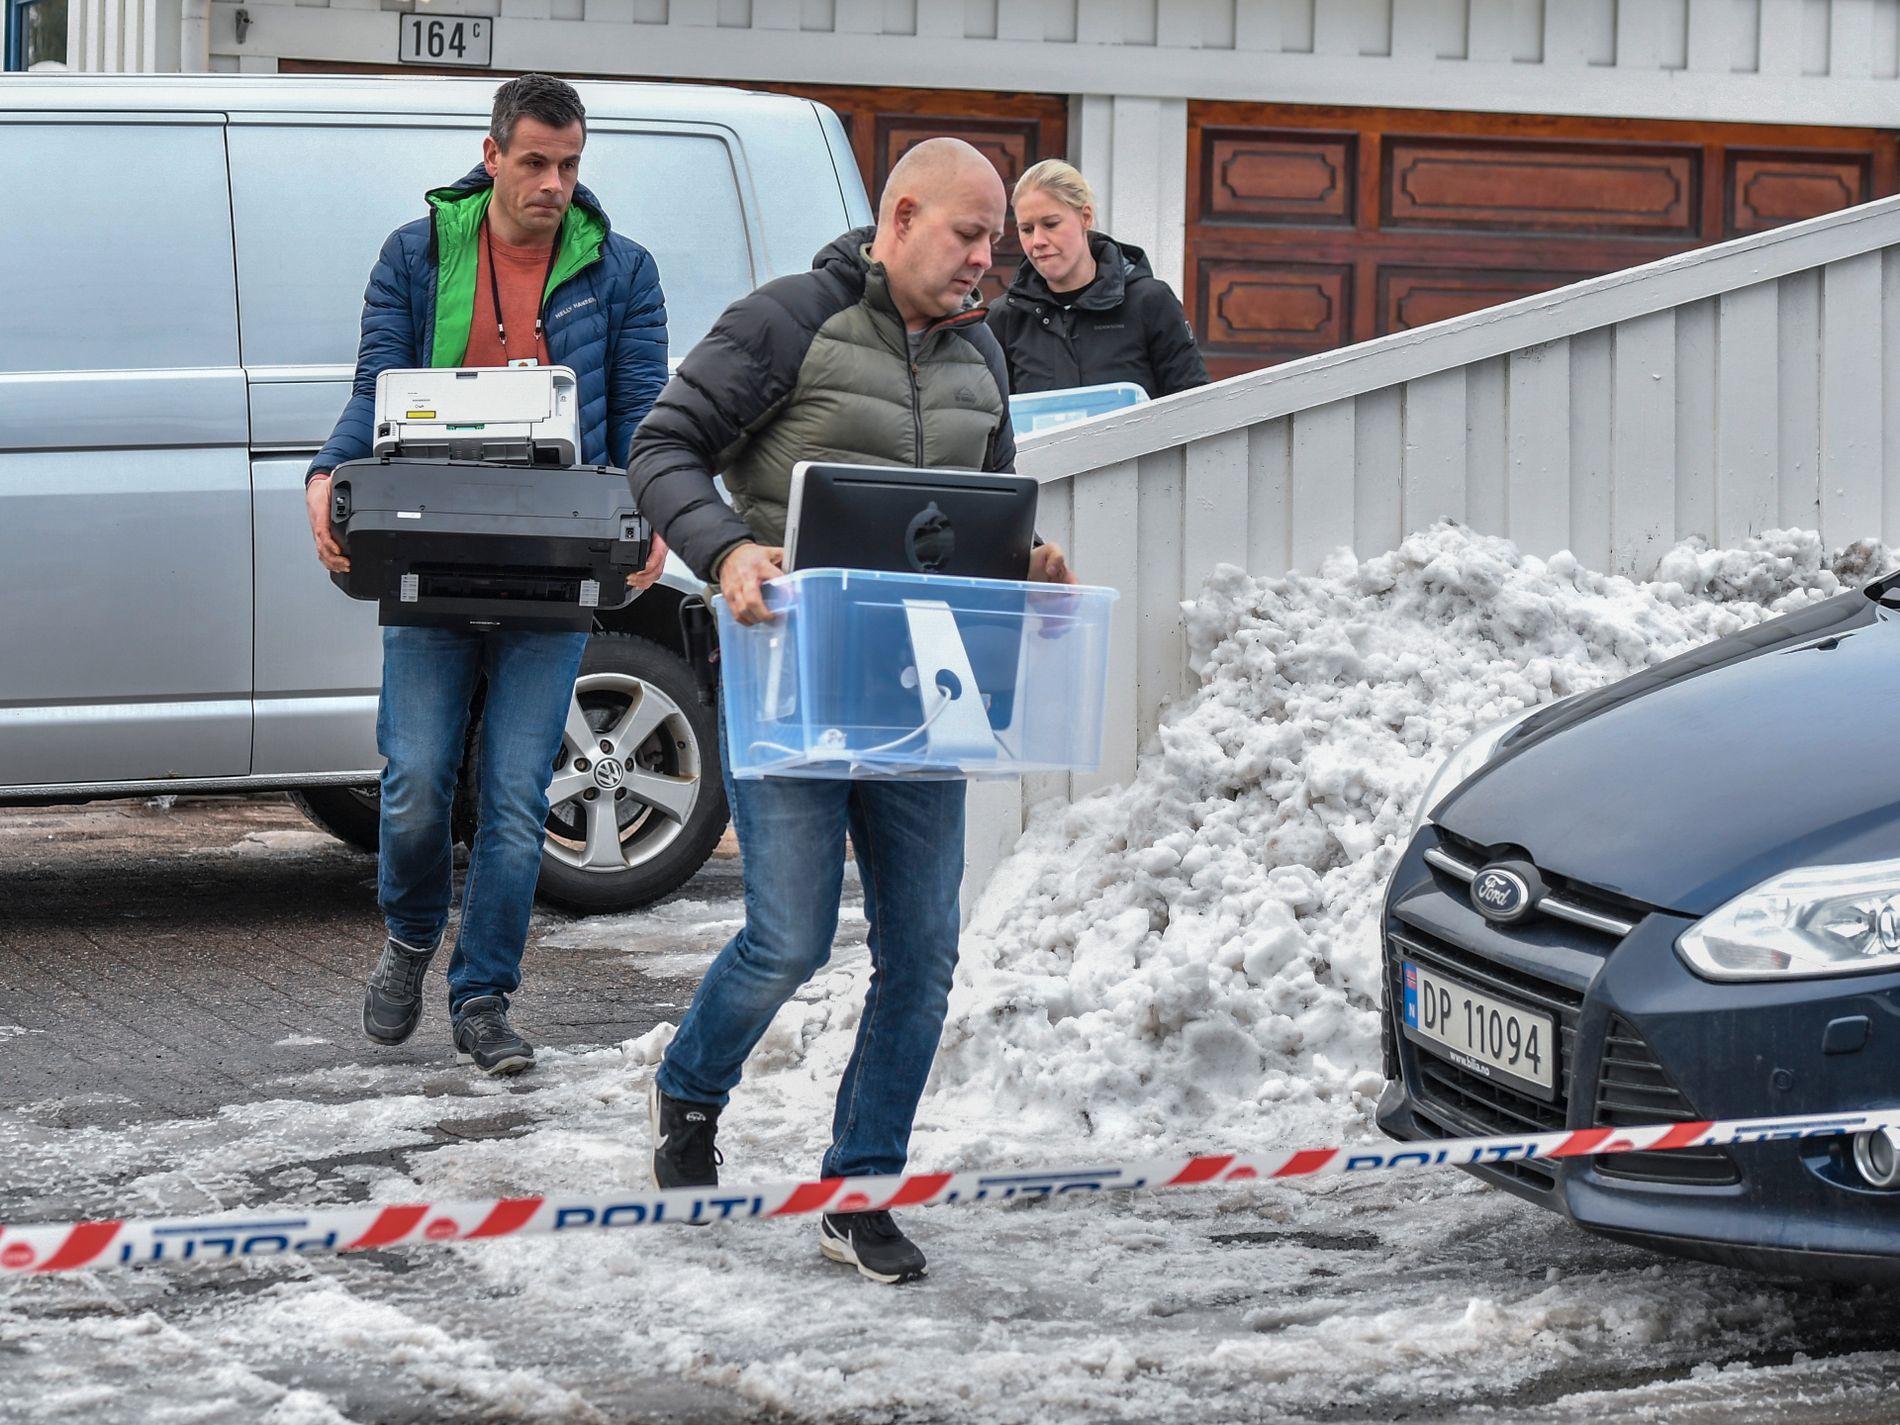 BESLAG: To kasser, blant annet med datamaskiner, ble tatt ut av boligen til justisminsiteren og samboeren i dag.